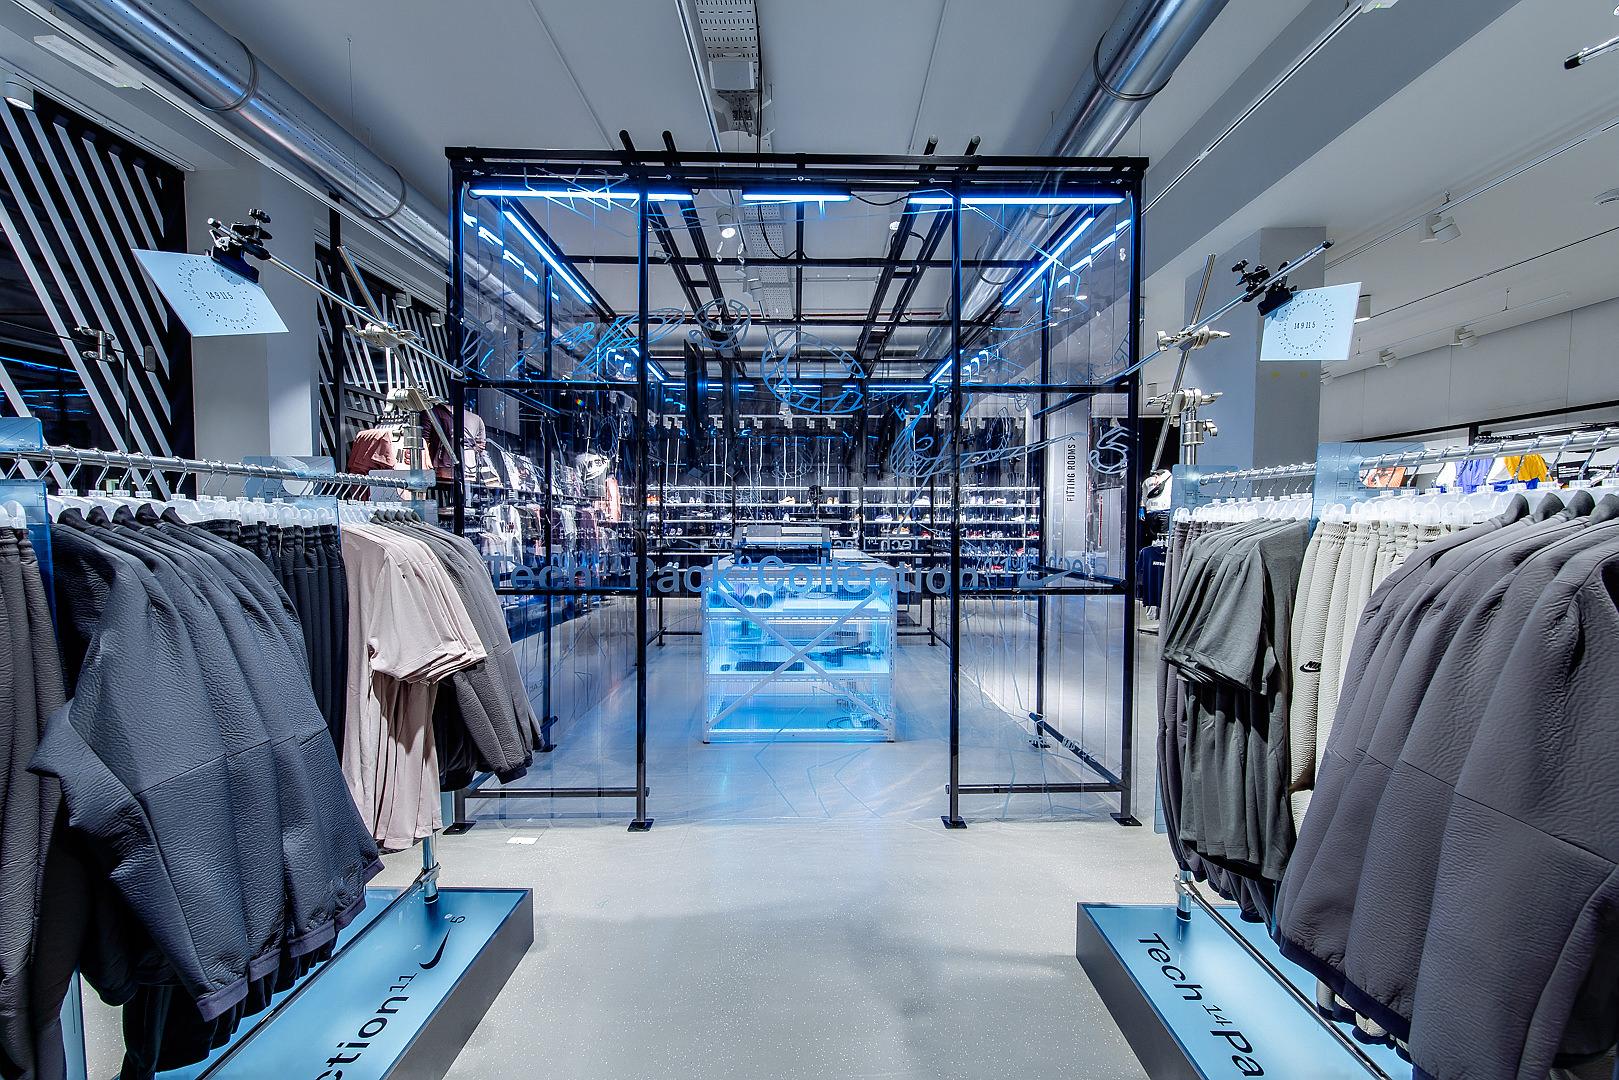 2018_09_14_Nike_Store_CVE_0068.jpg